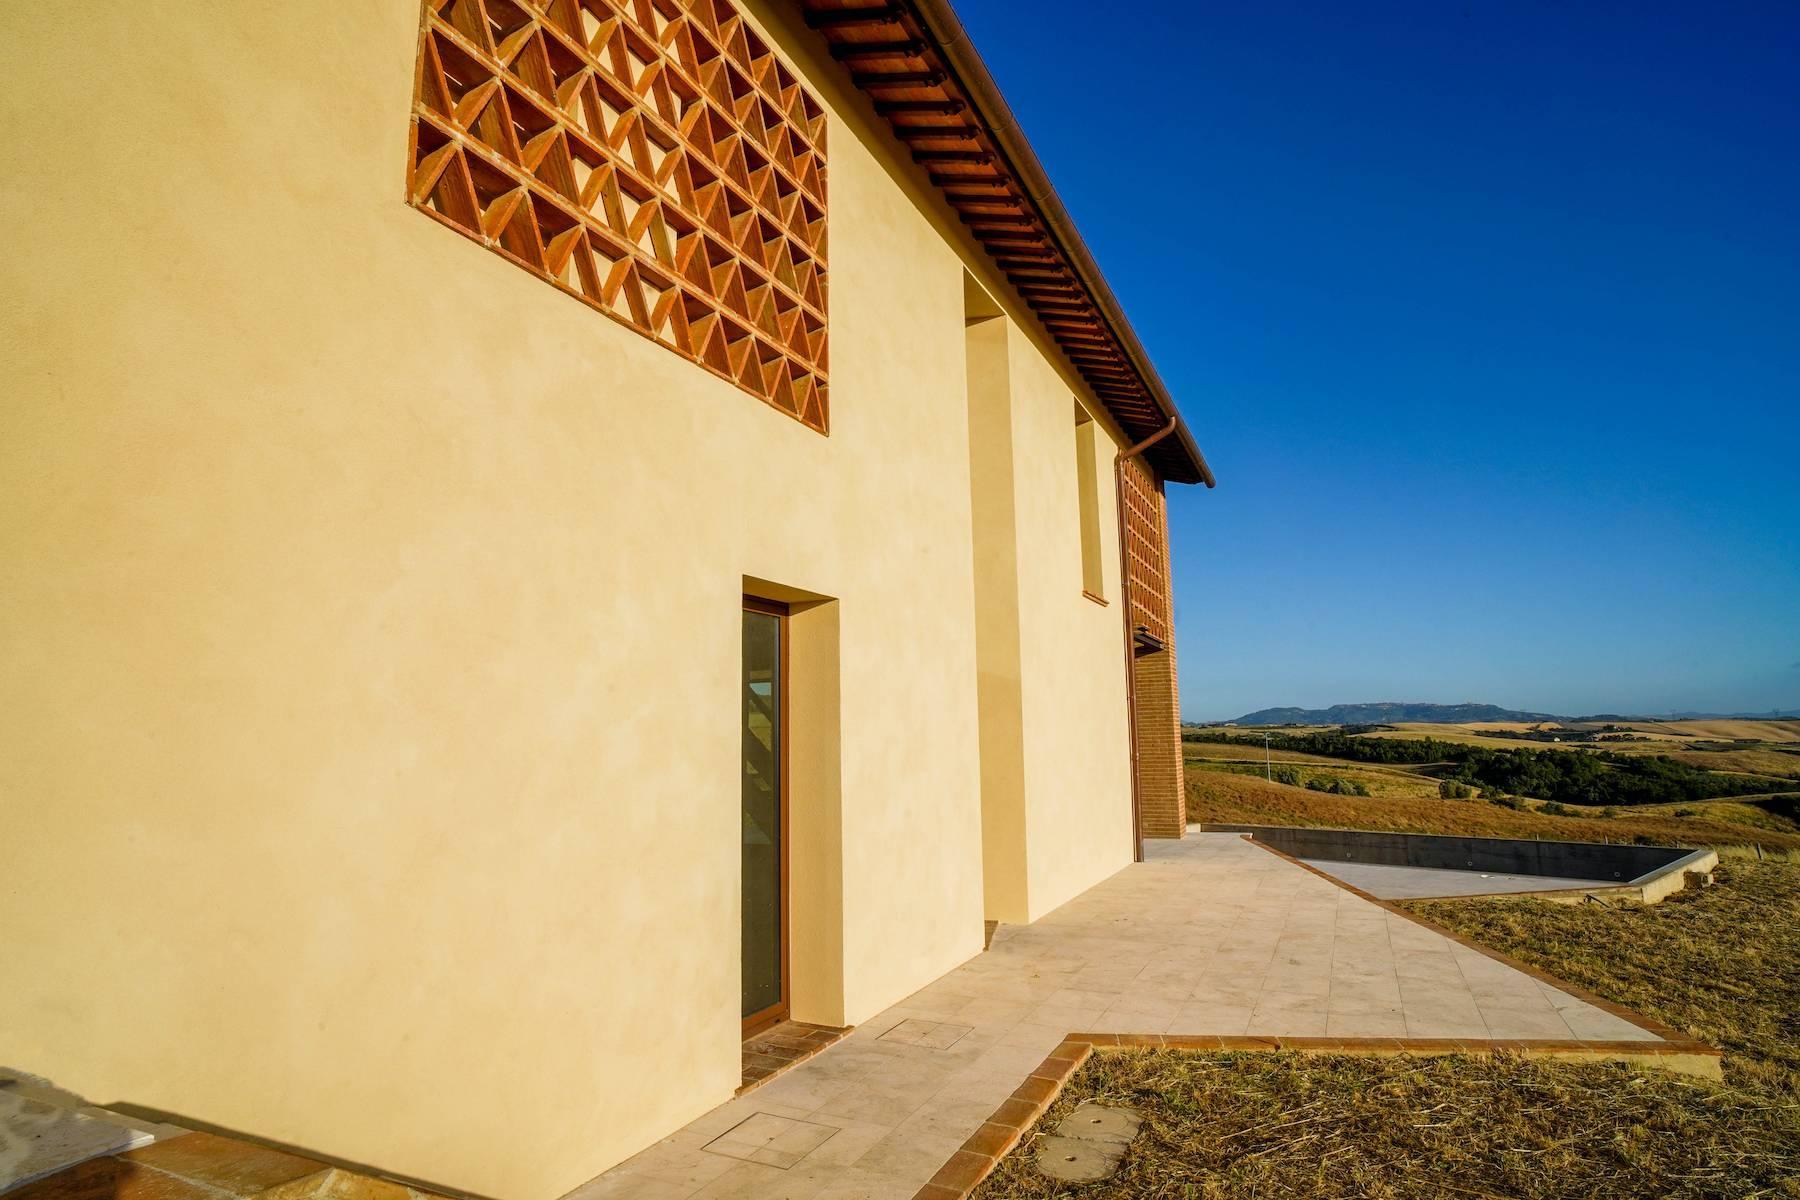 Wunderschönes Anwesen in der Nähe von Volterra und San Gimignano - 7